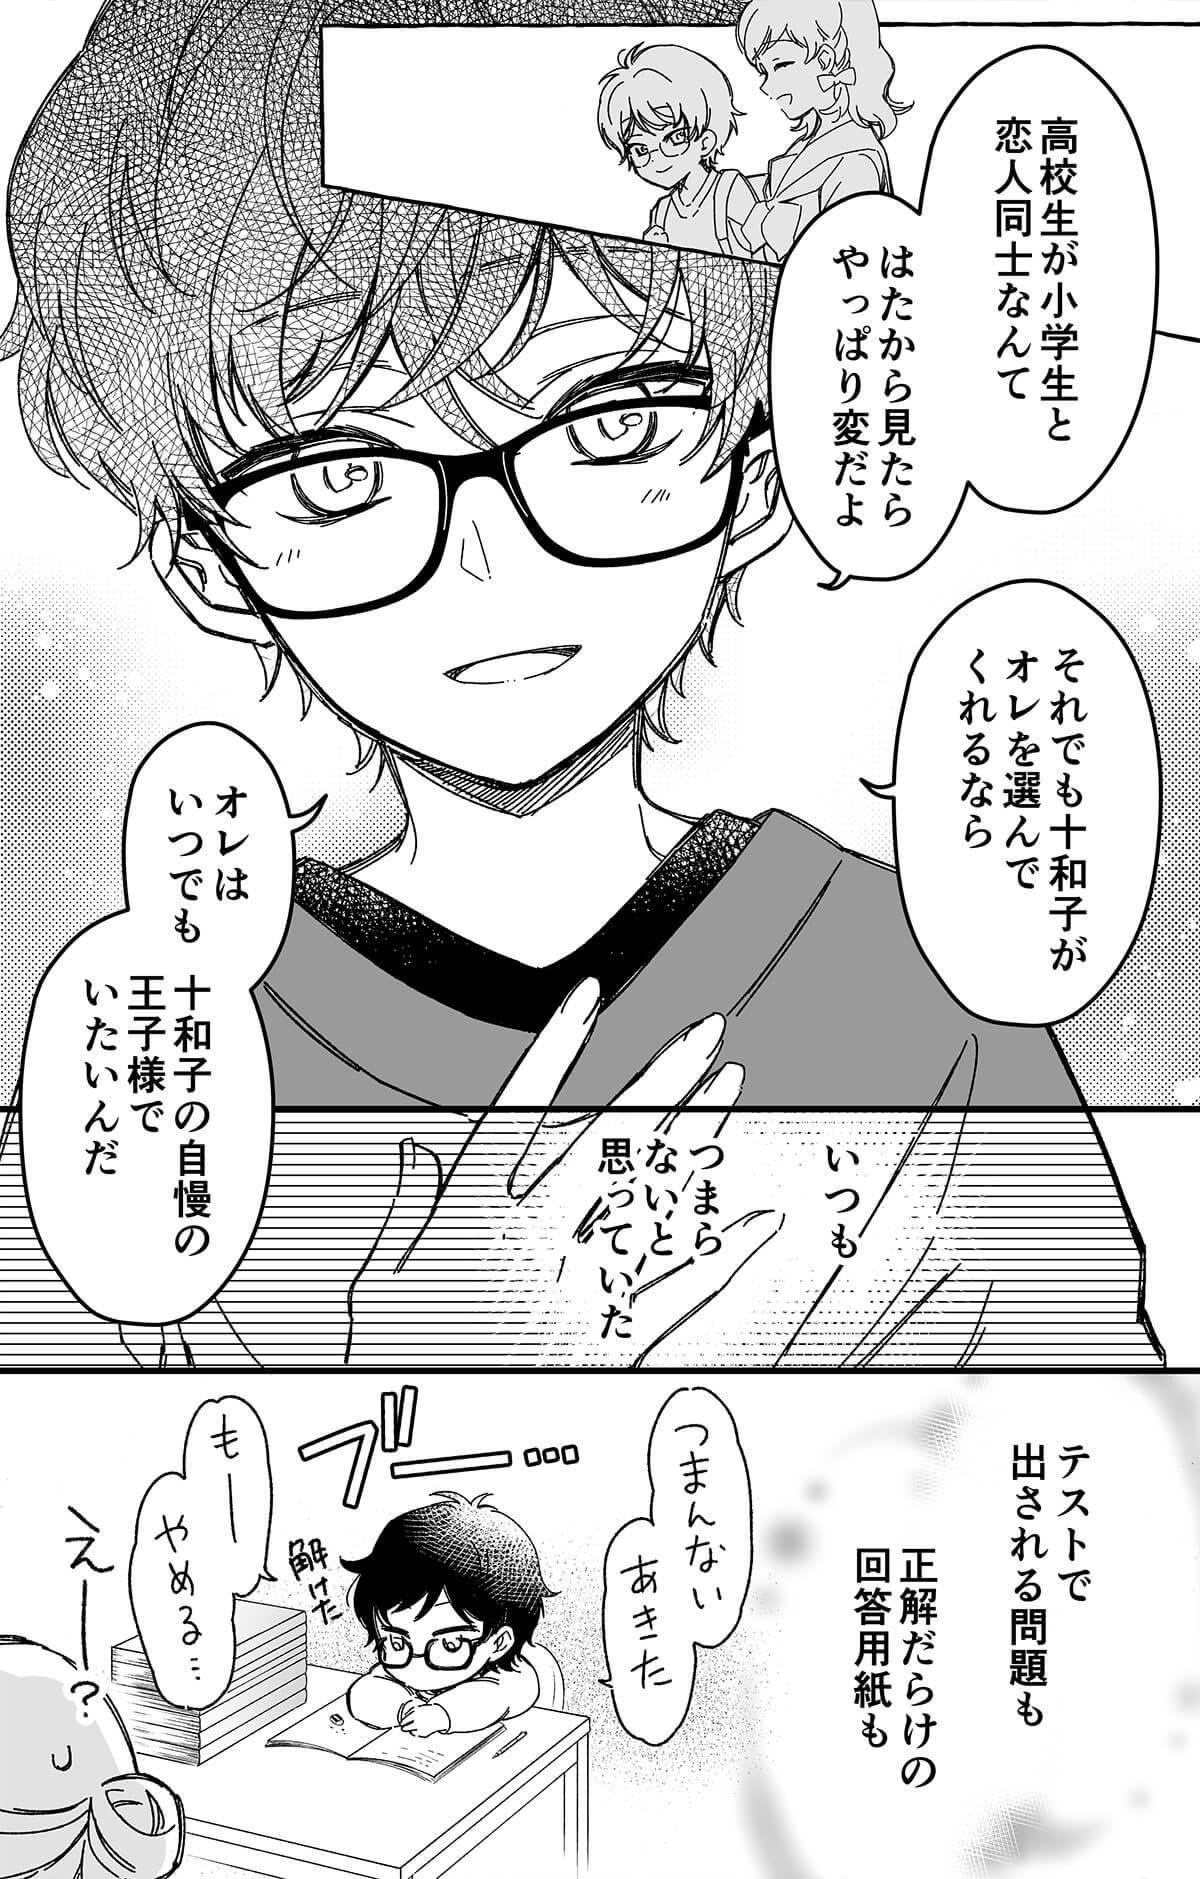 トナリのイケショタくん3-3